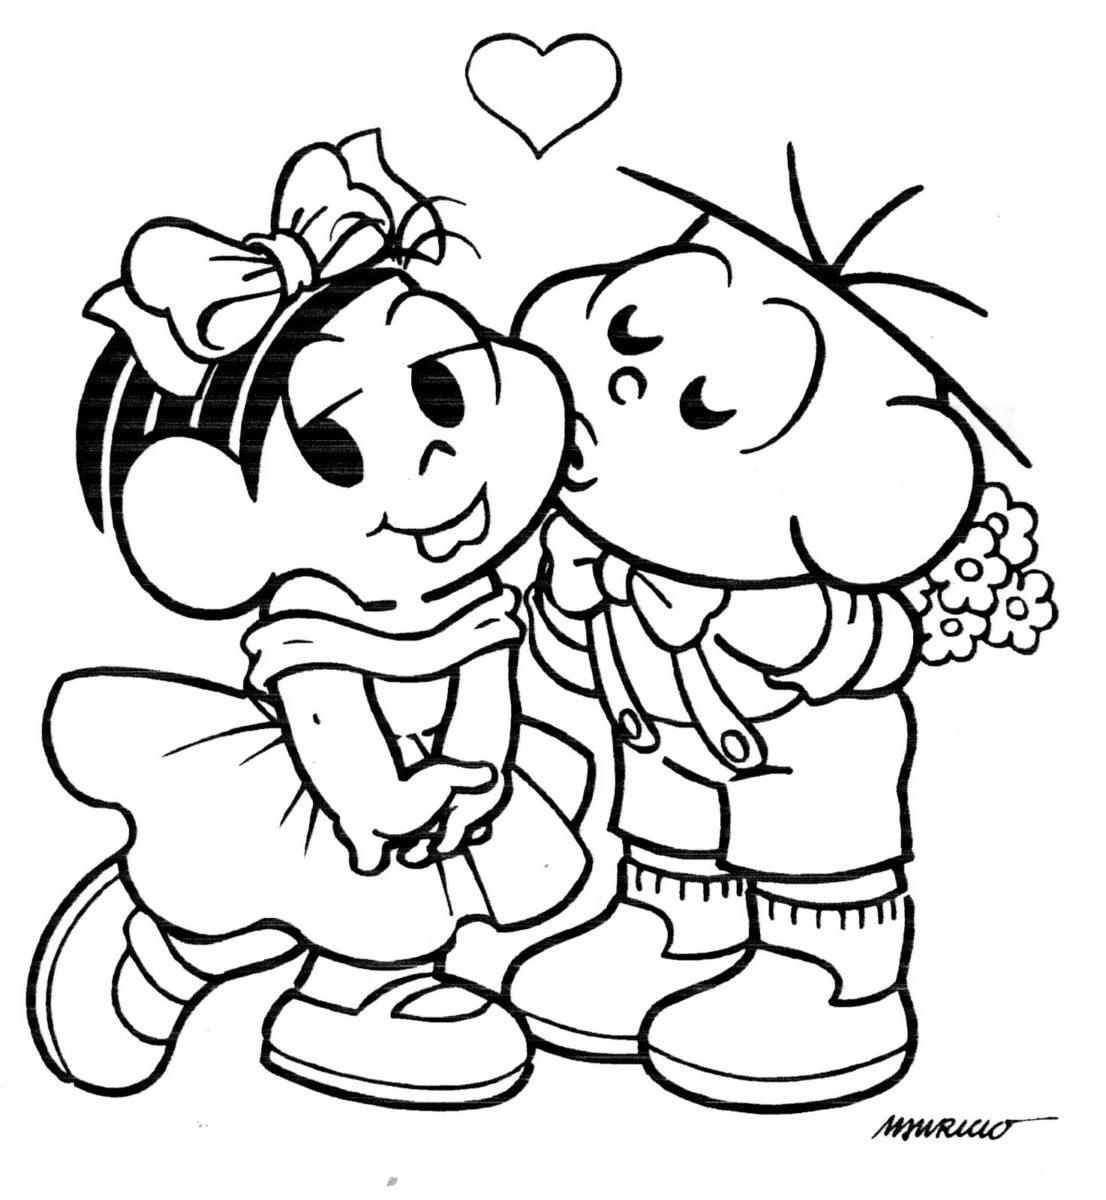 desenhos-da-turma-da-m%C3%B4nica-para-colorir-para-o-dia-dos-namorados.jpg